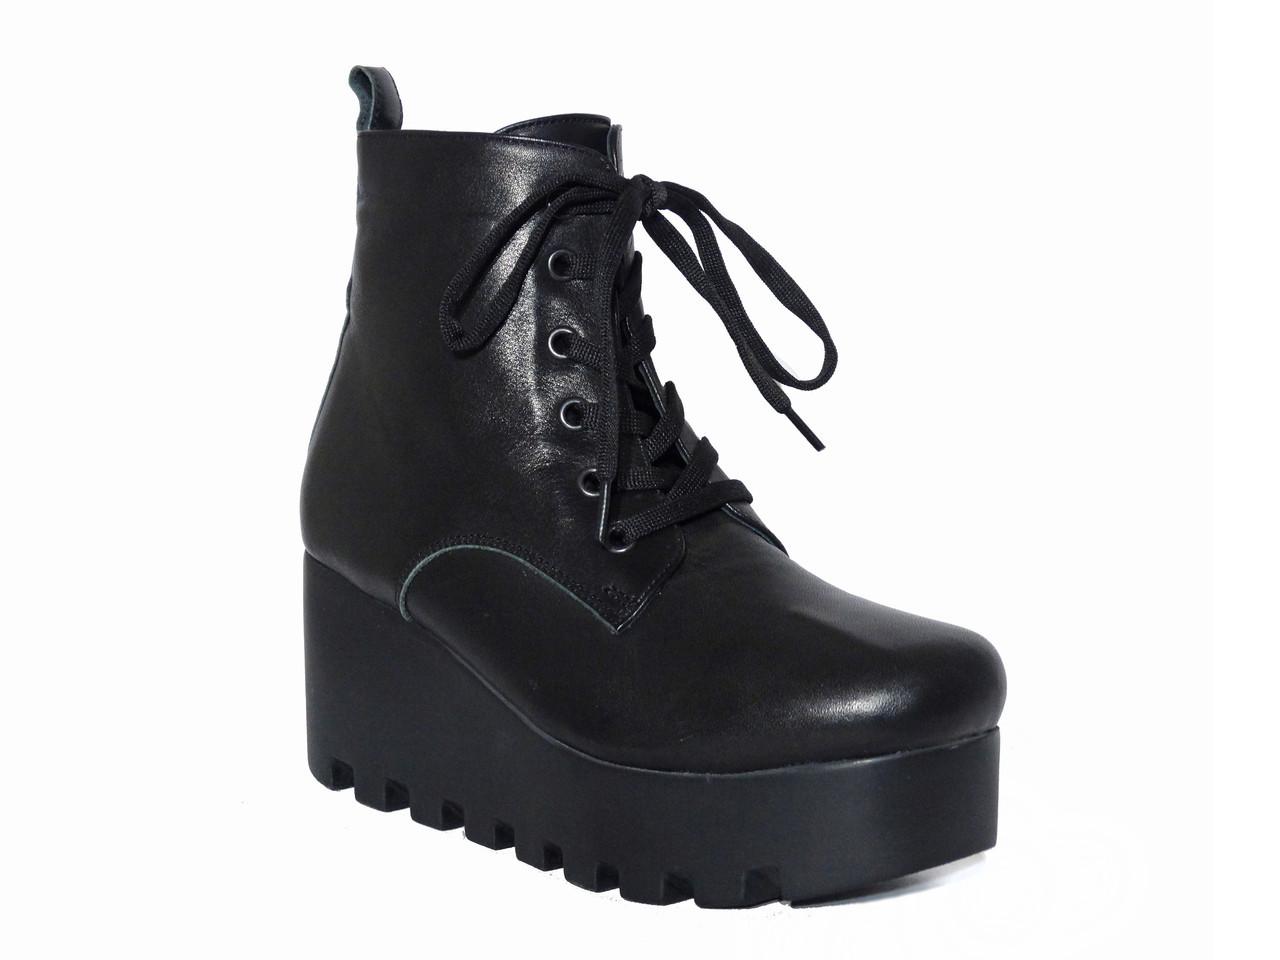 Кожаные зимние женские ботинки на платформе Donna Ricco №02-37 - Грани в  Одессе bf0212b60b8